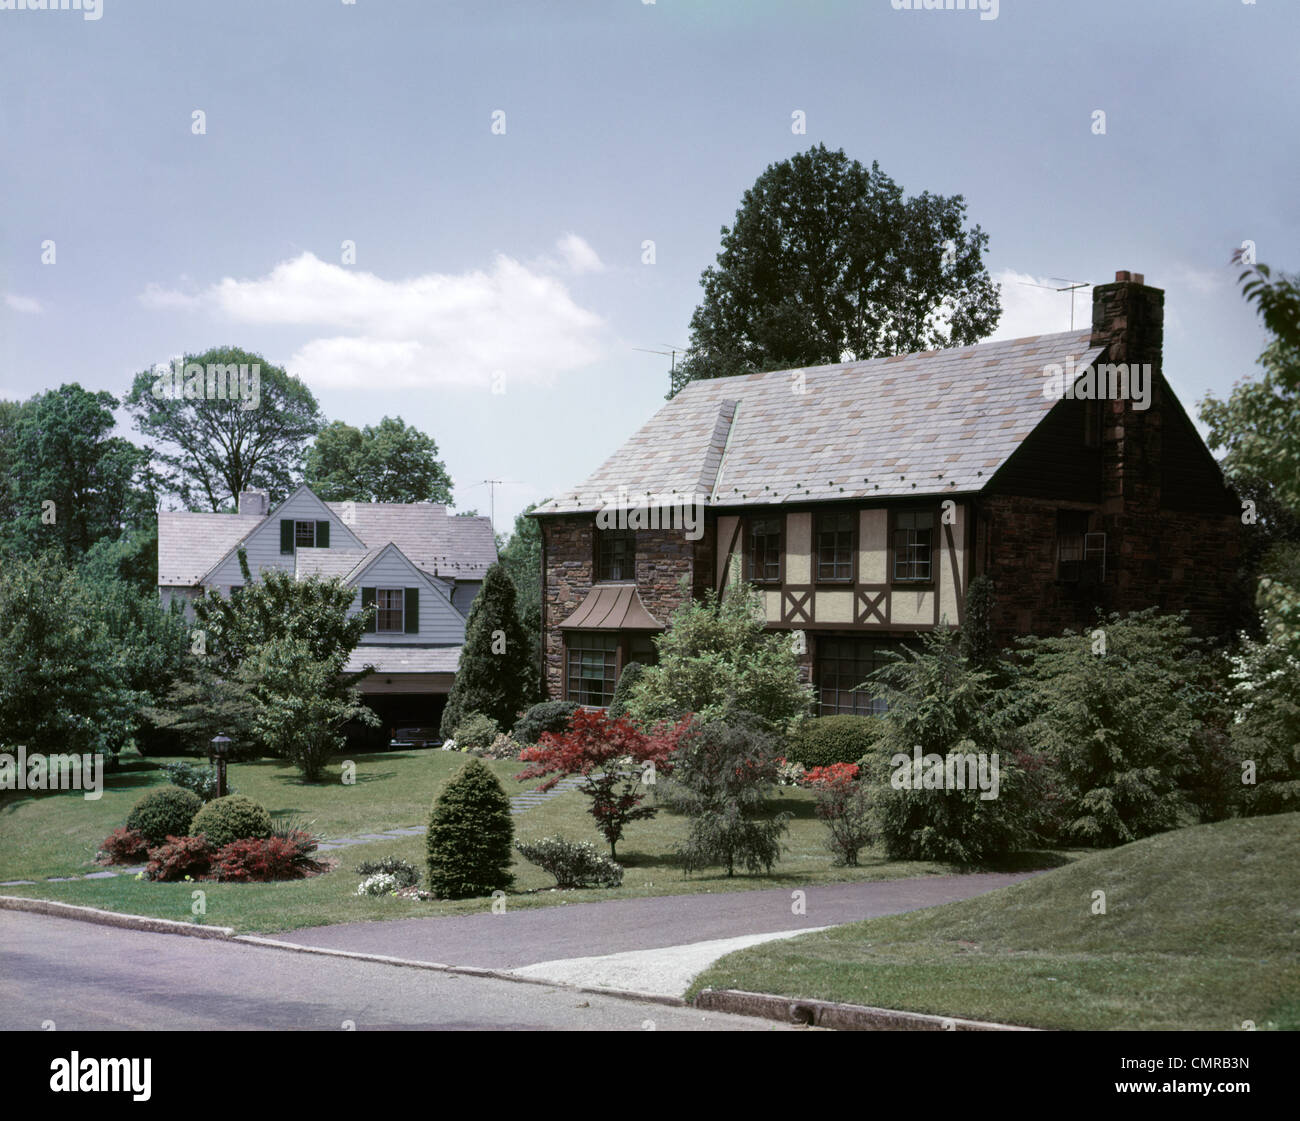 1950s STREET SUBURBAN COMMUNITY STONE TUDOR STYLE UPSCALE HOUSE - Stock Image